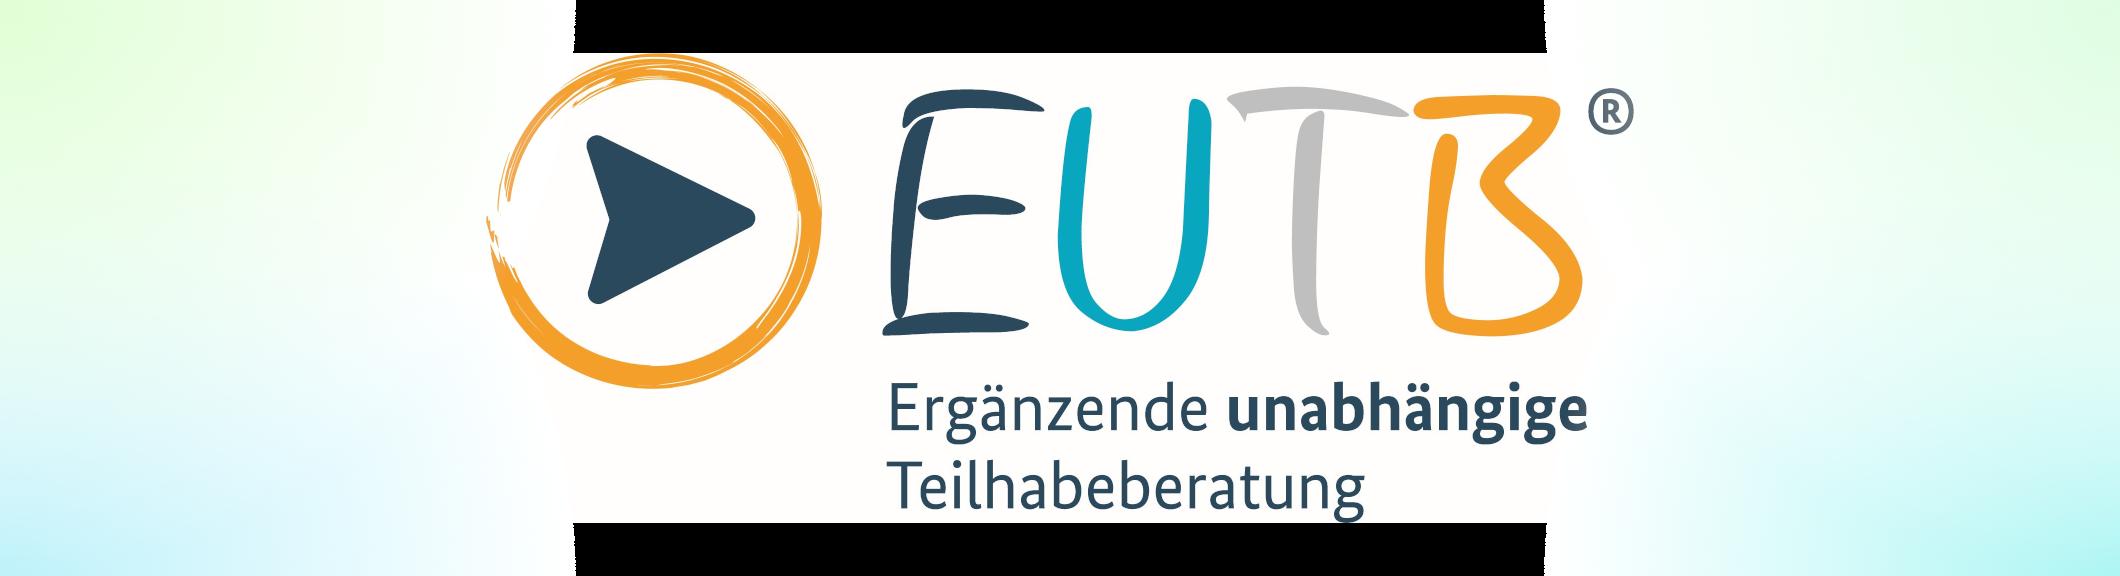 EUTB® in Gebärdensprache